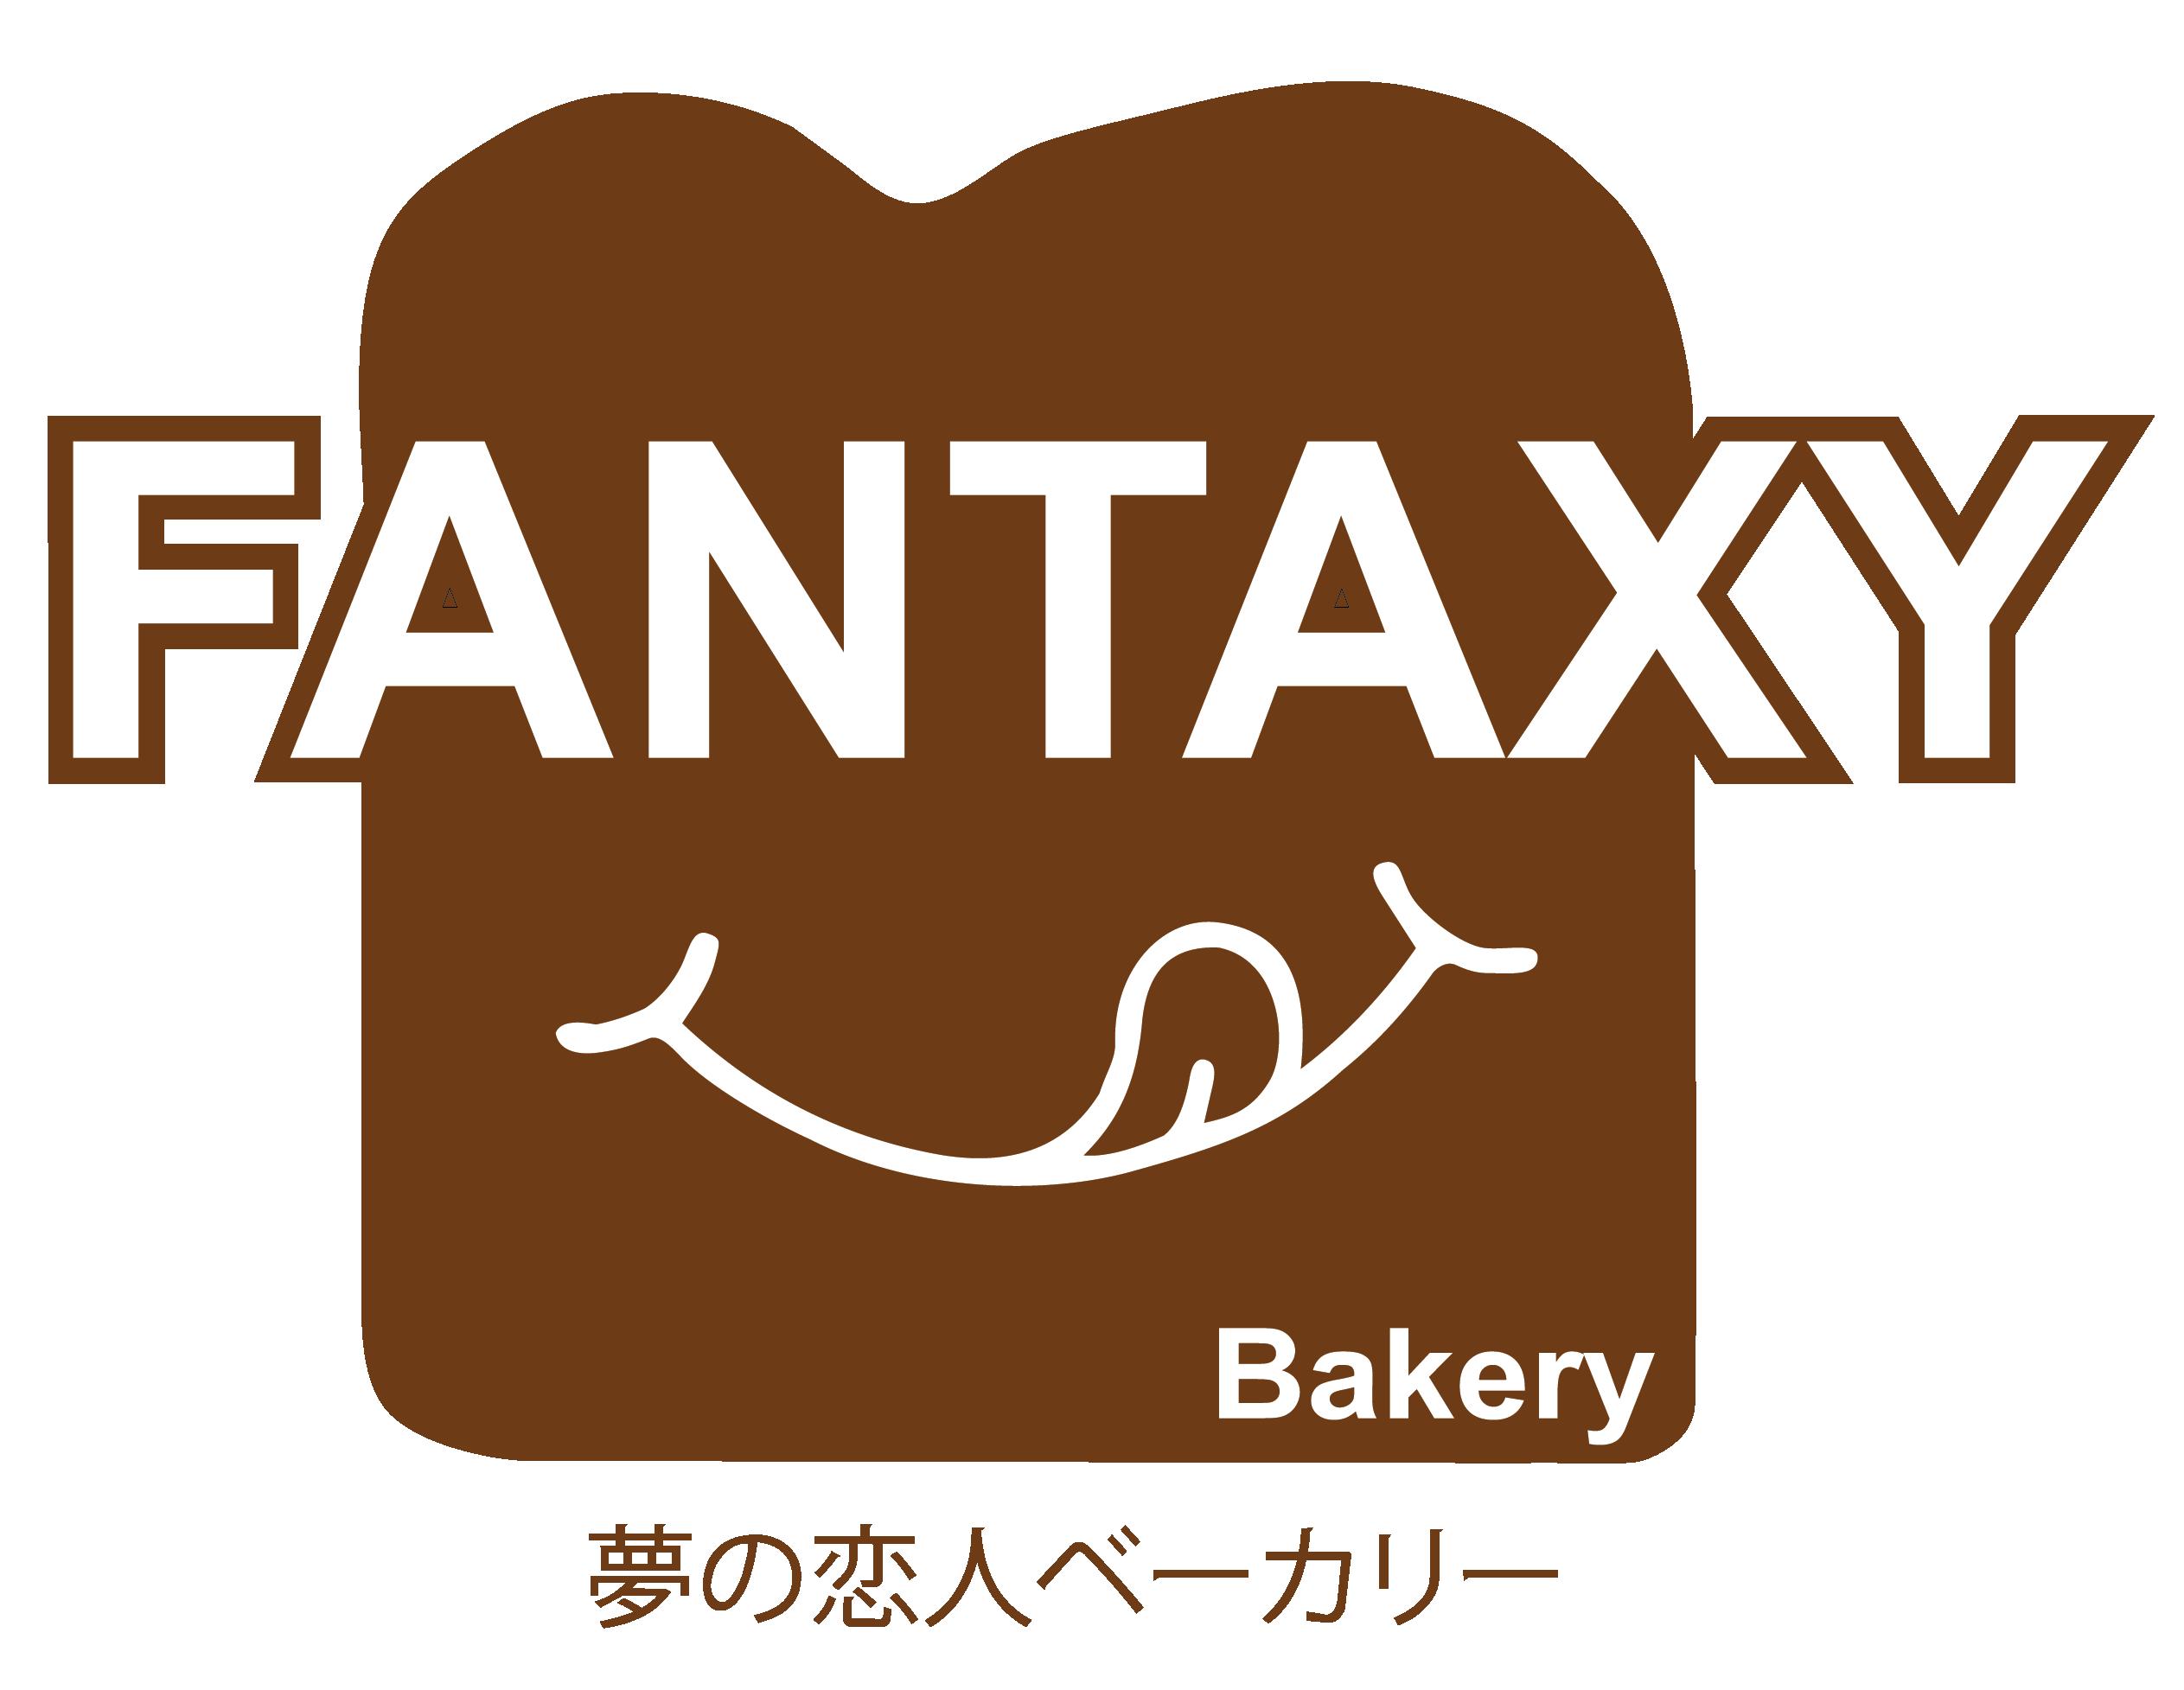 Fantaxy Bakery